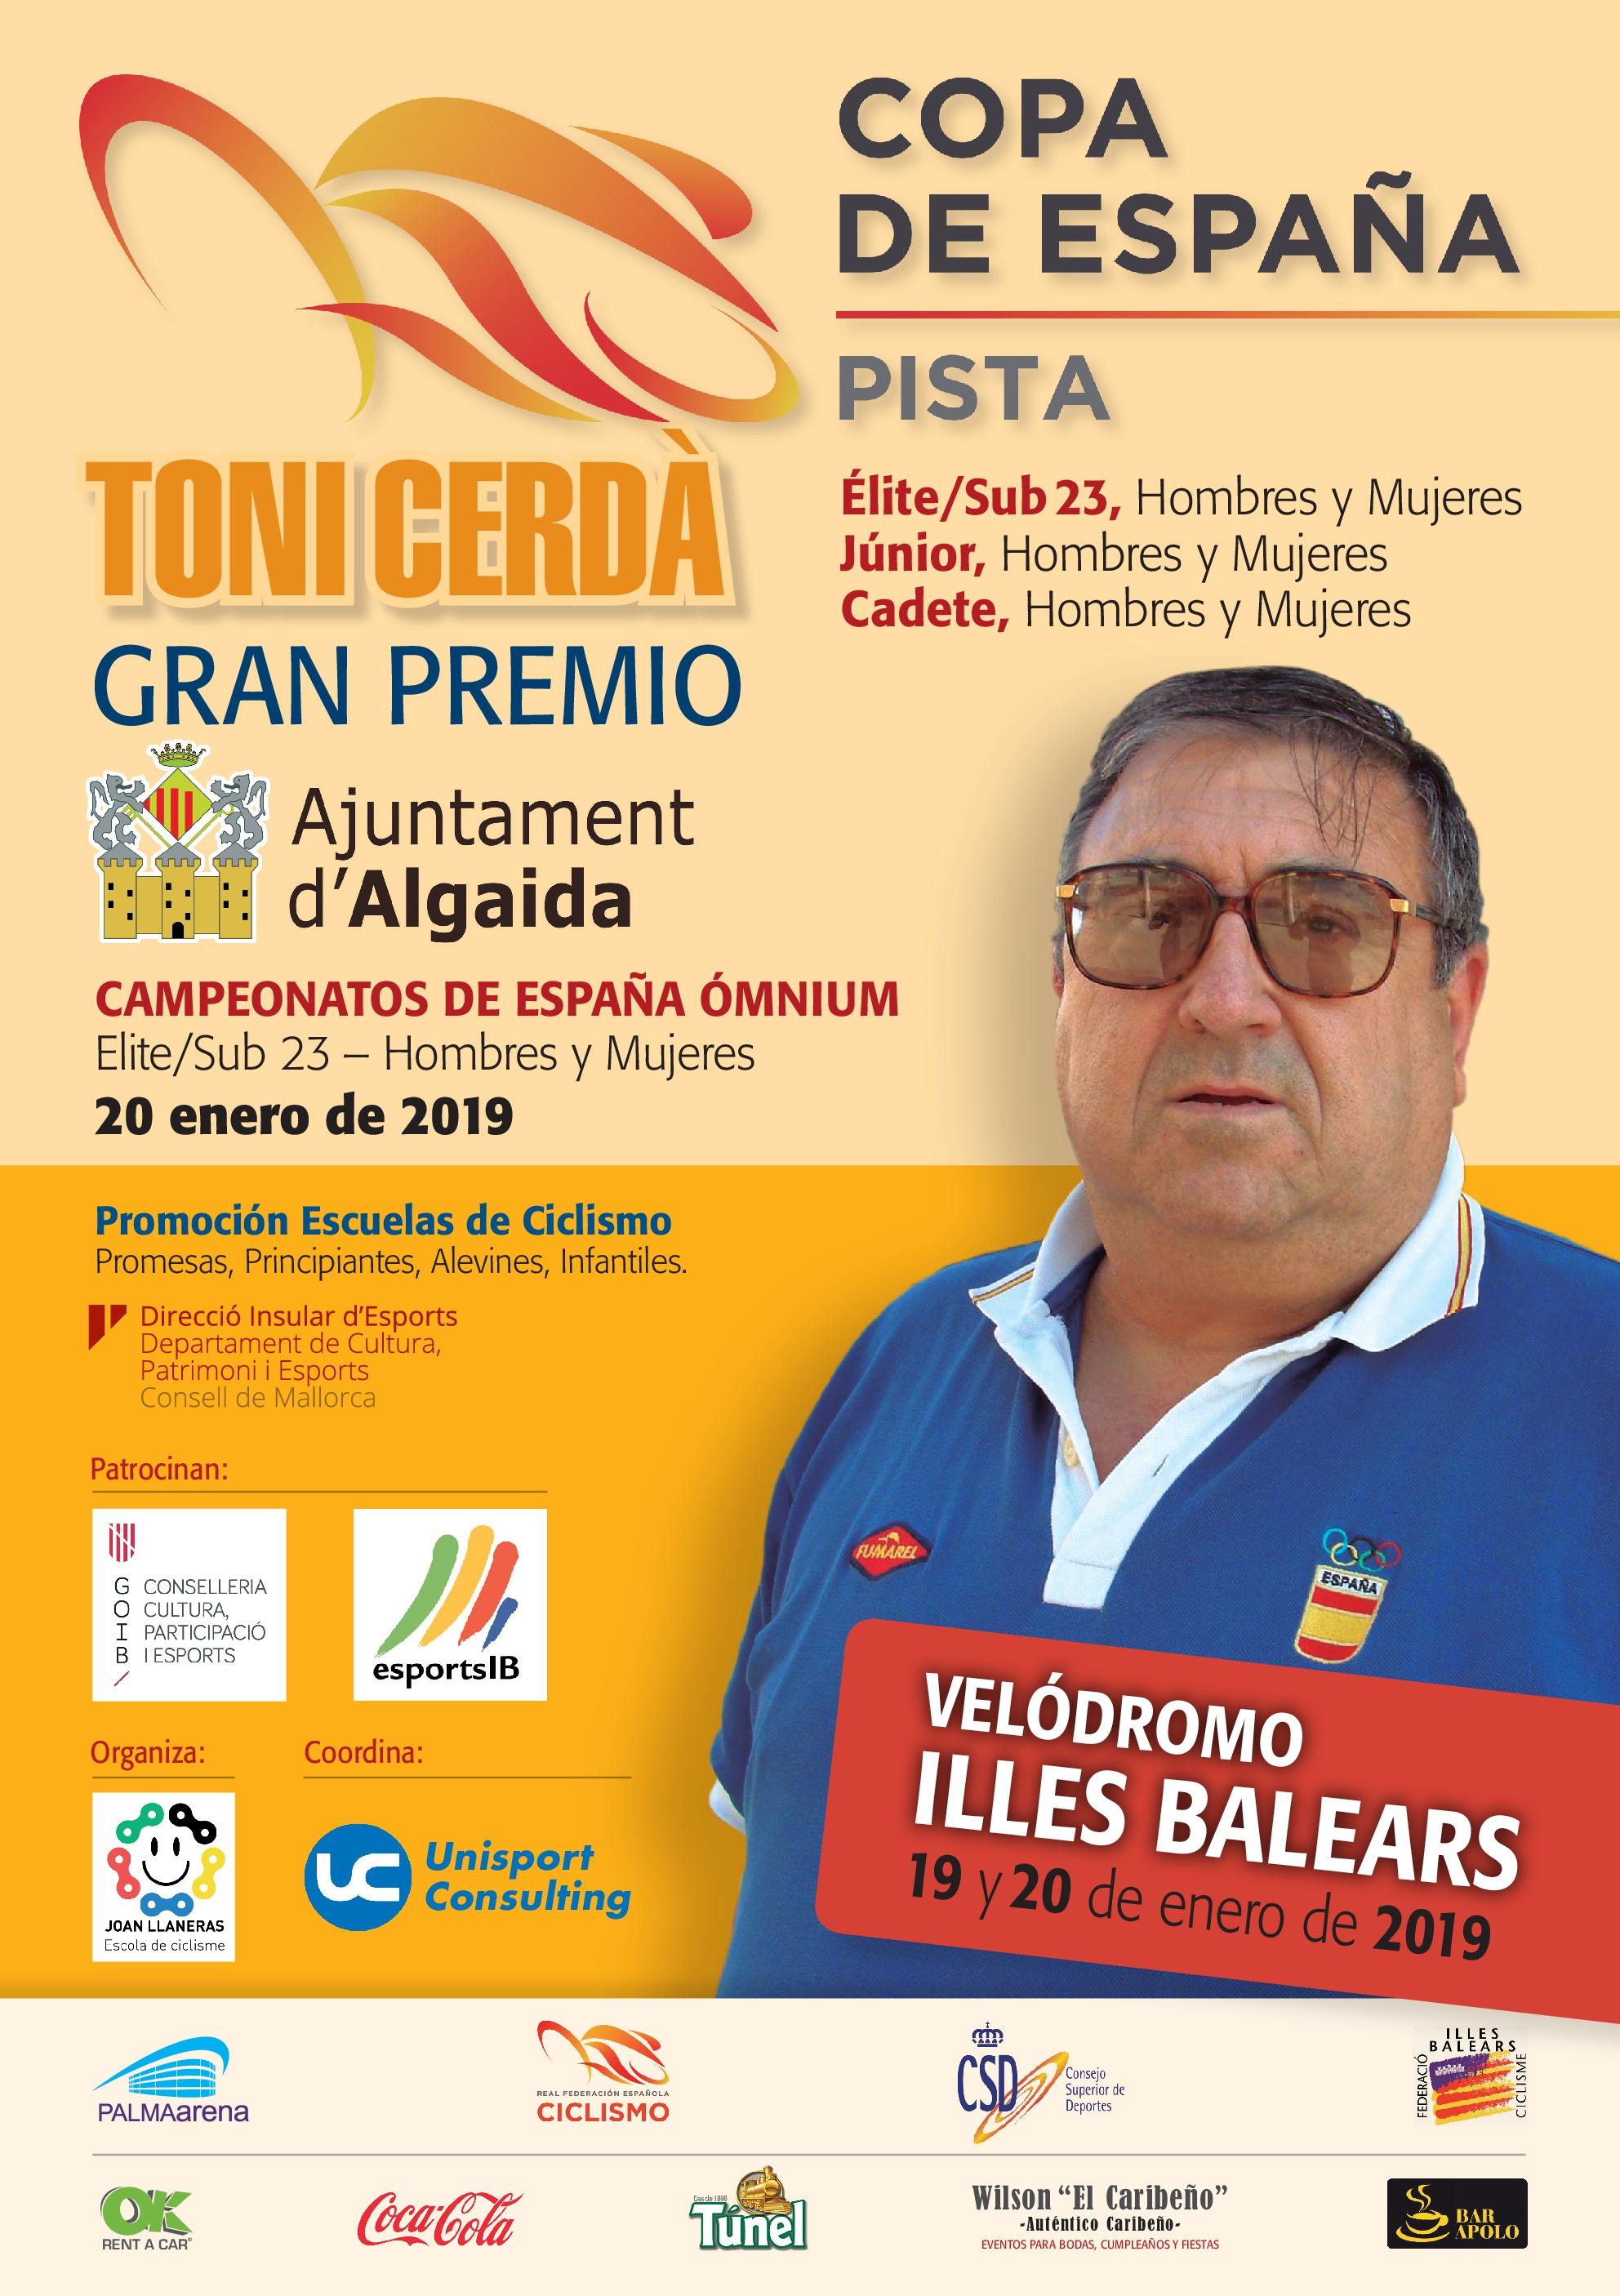 Copa de España de Pista Illes Balears